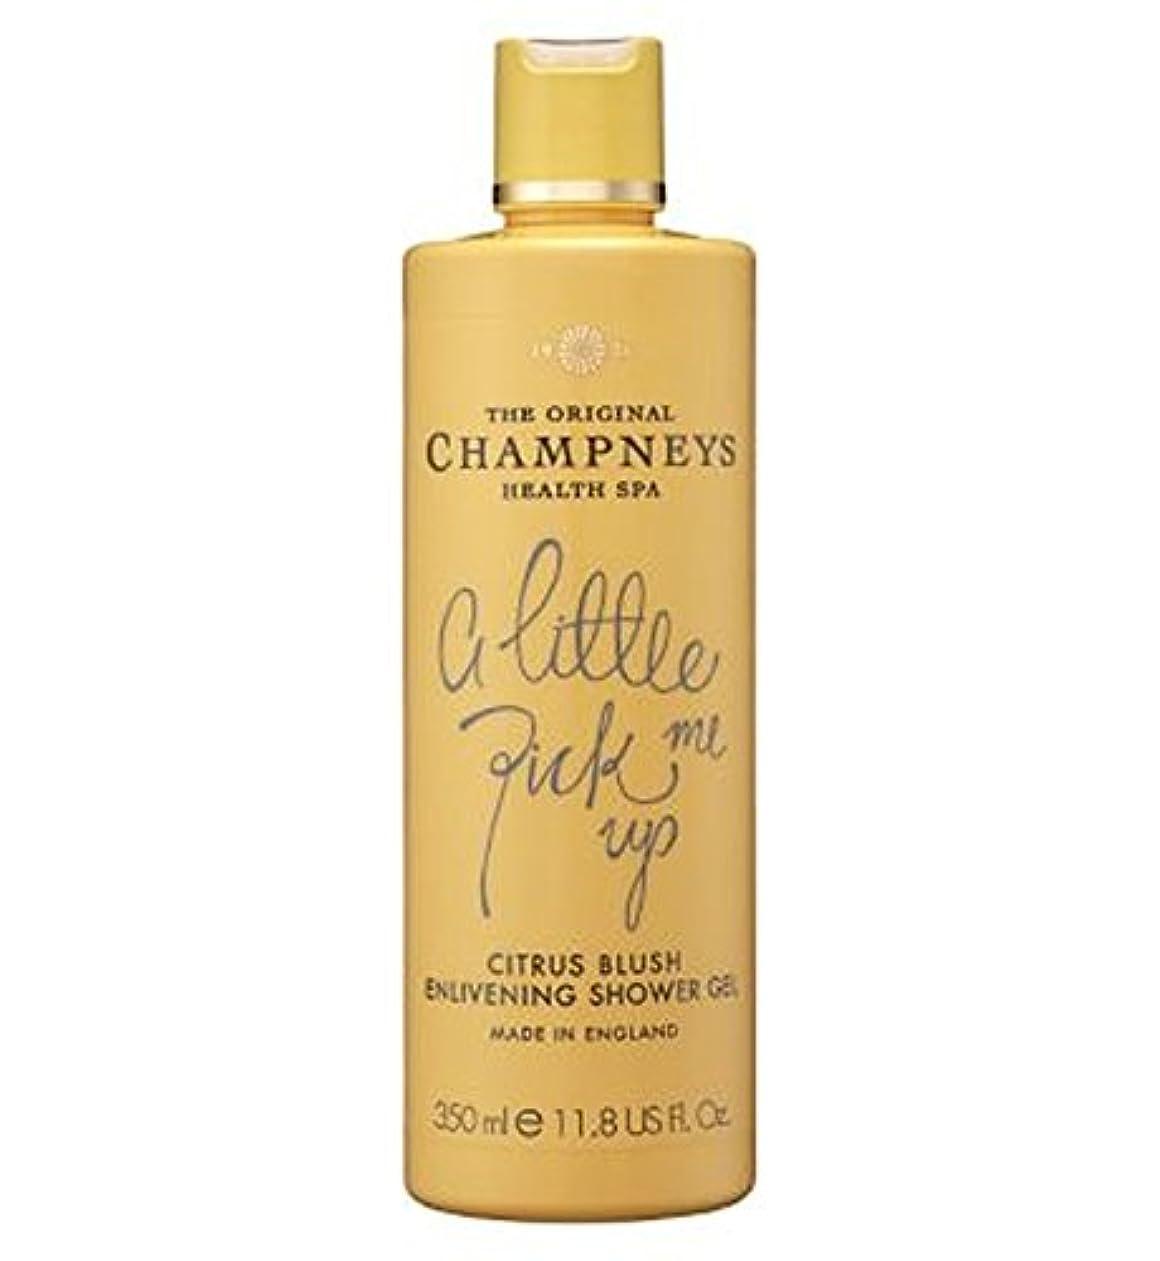 褒賞なぞらえる五十Champneys Citrus Blush Enlivening Shower Gel 350ml - チャンプニーズシトラス赤面盛り上げシャワージェル350ミリリットル (Champneys) [並行輸入品]